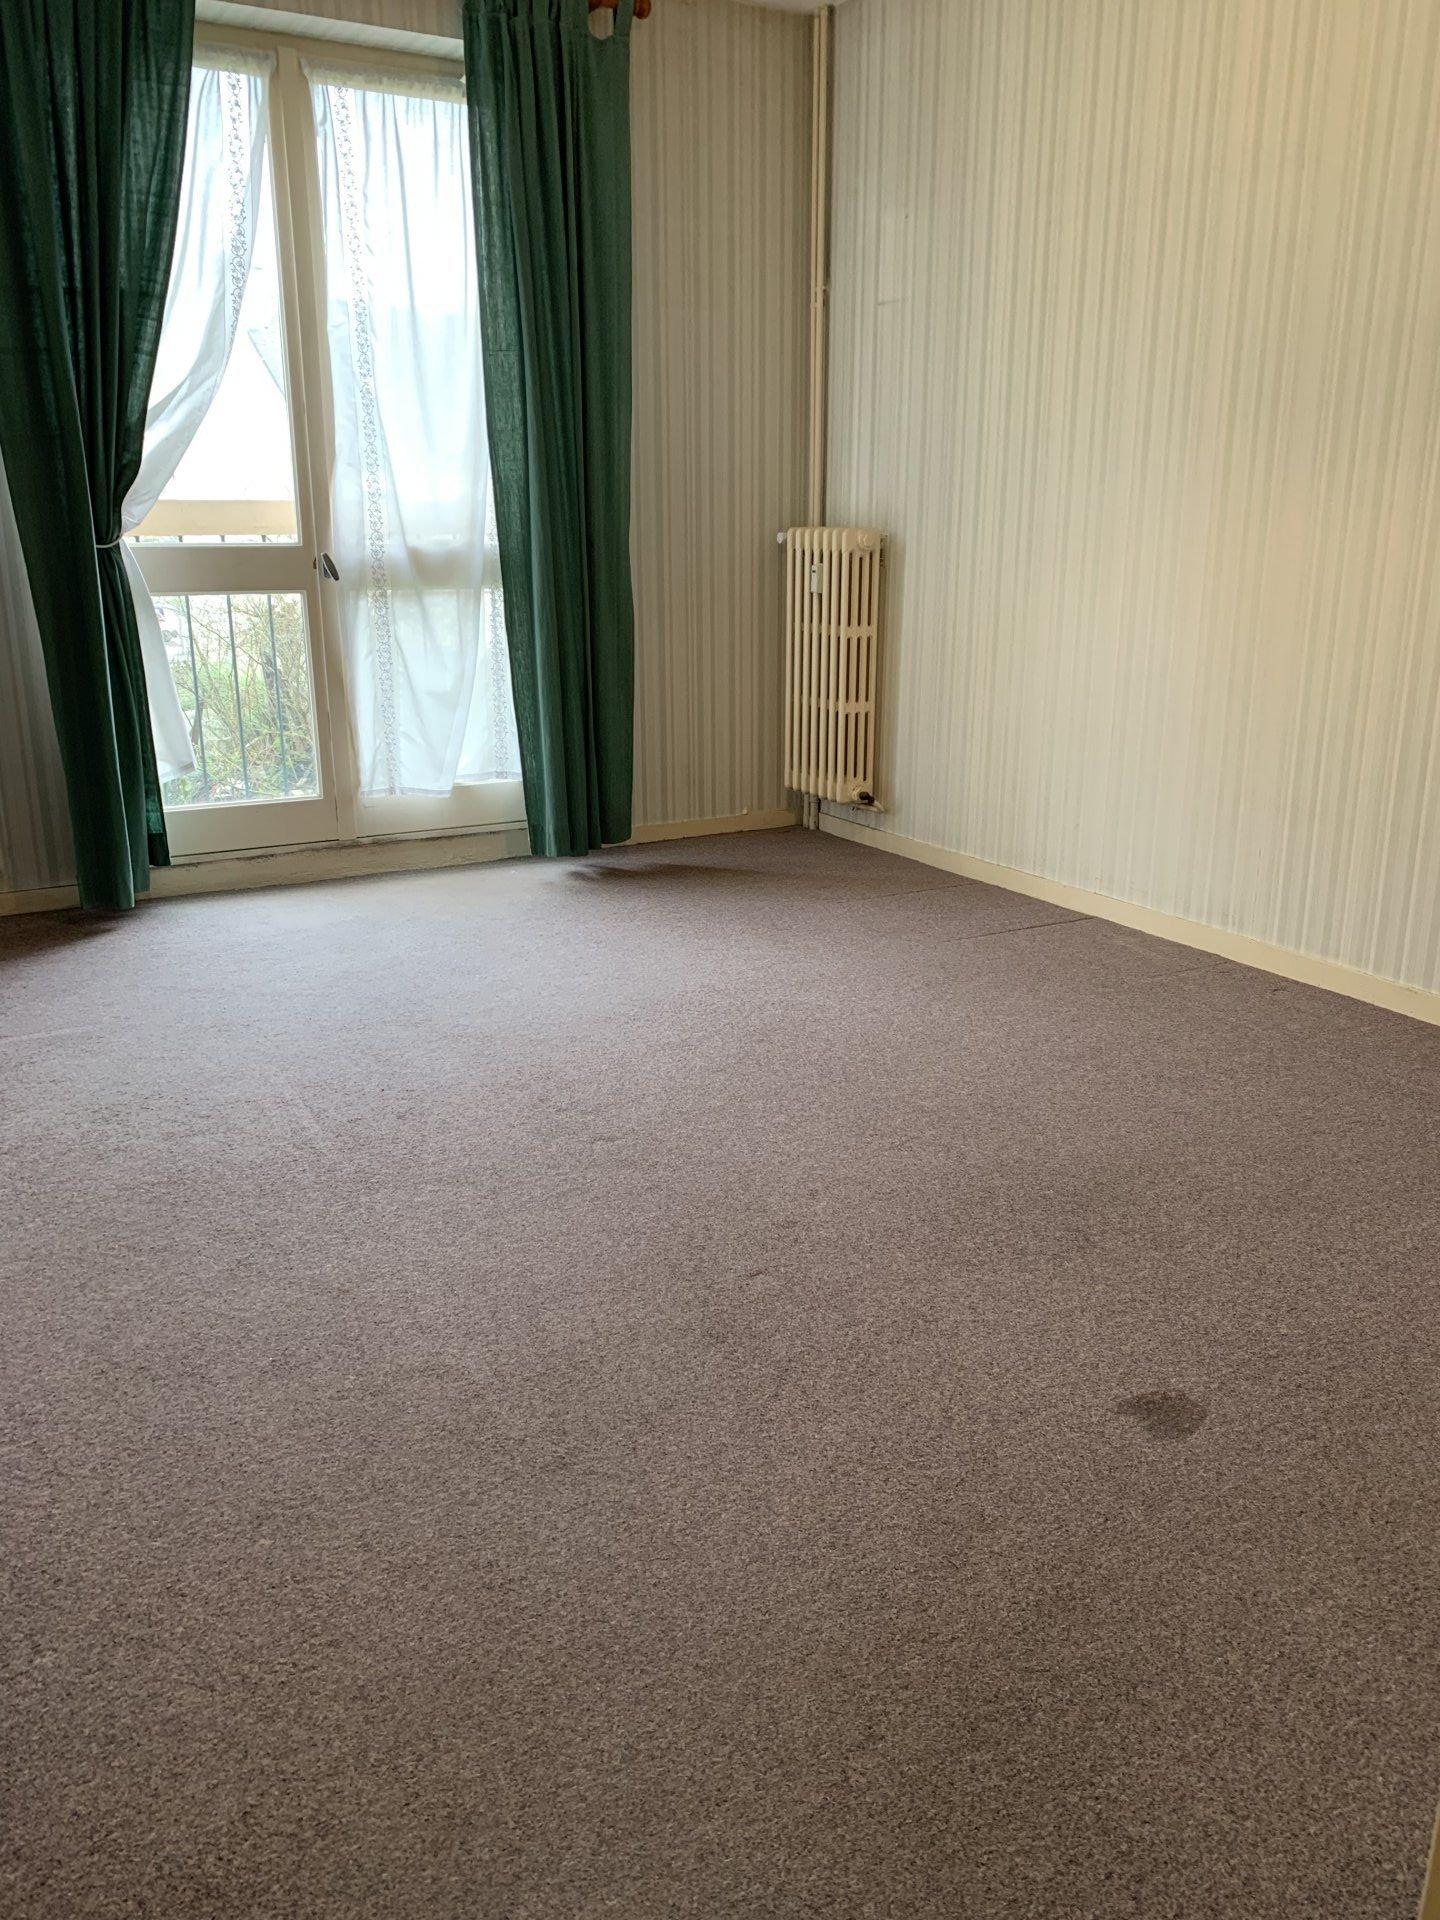 Appartement 4 pièces 100m²